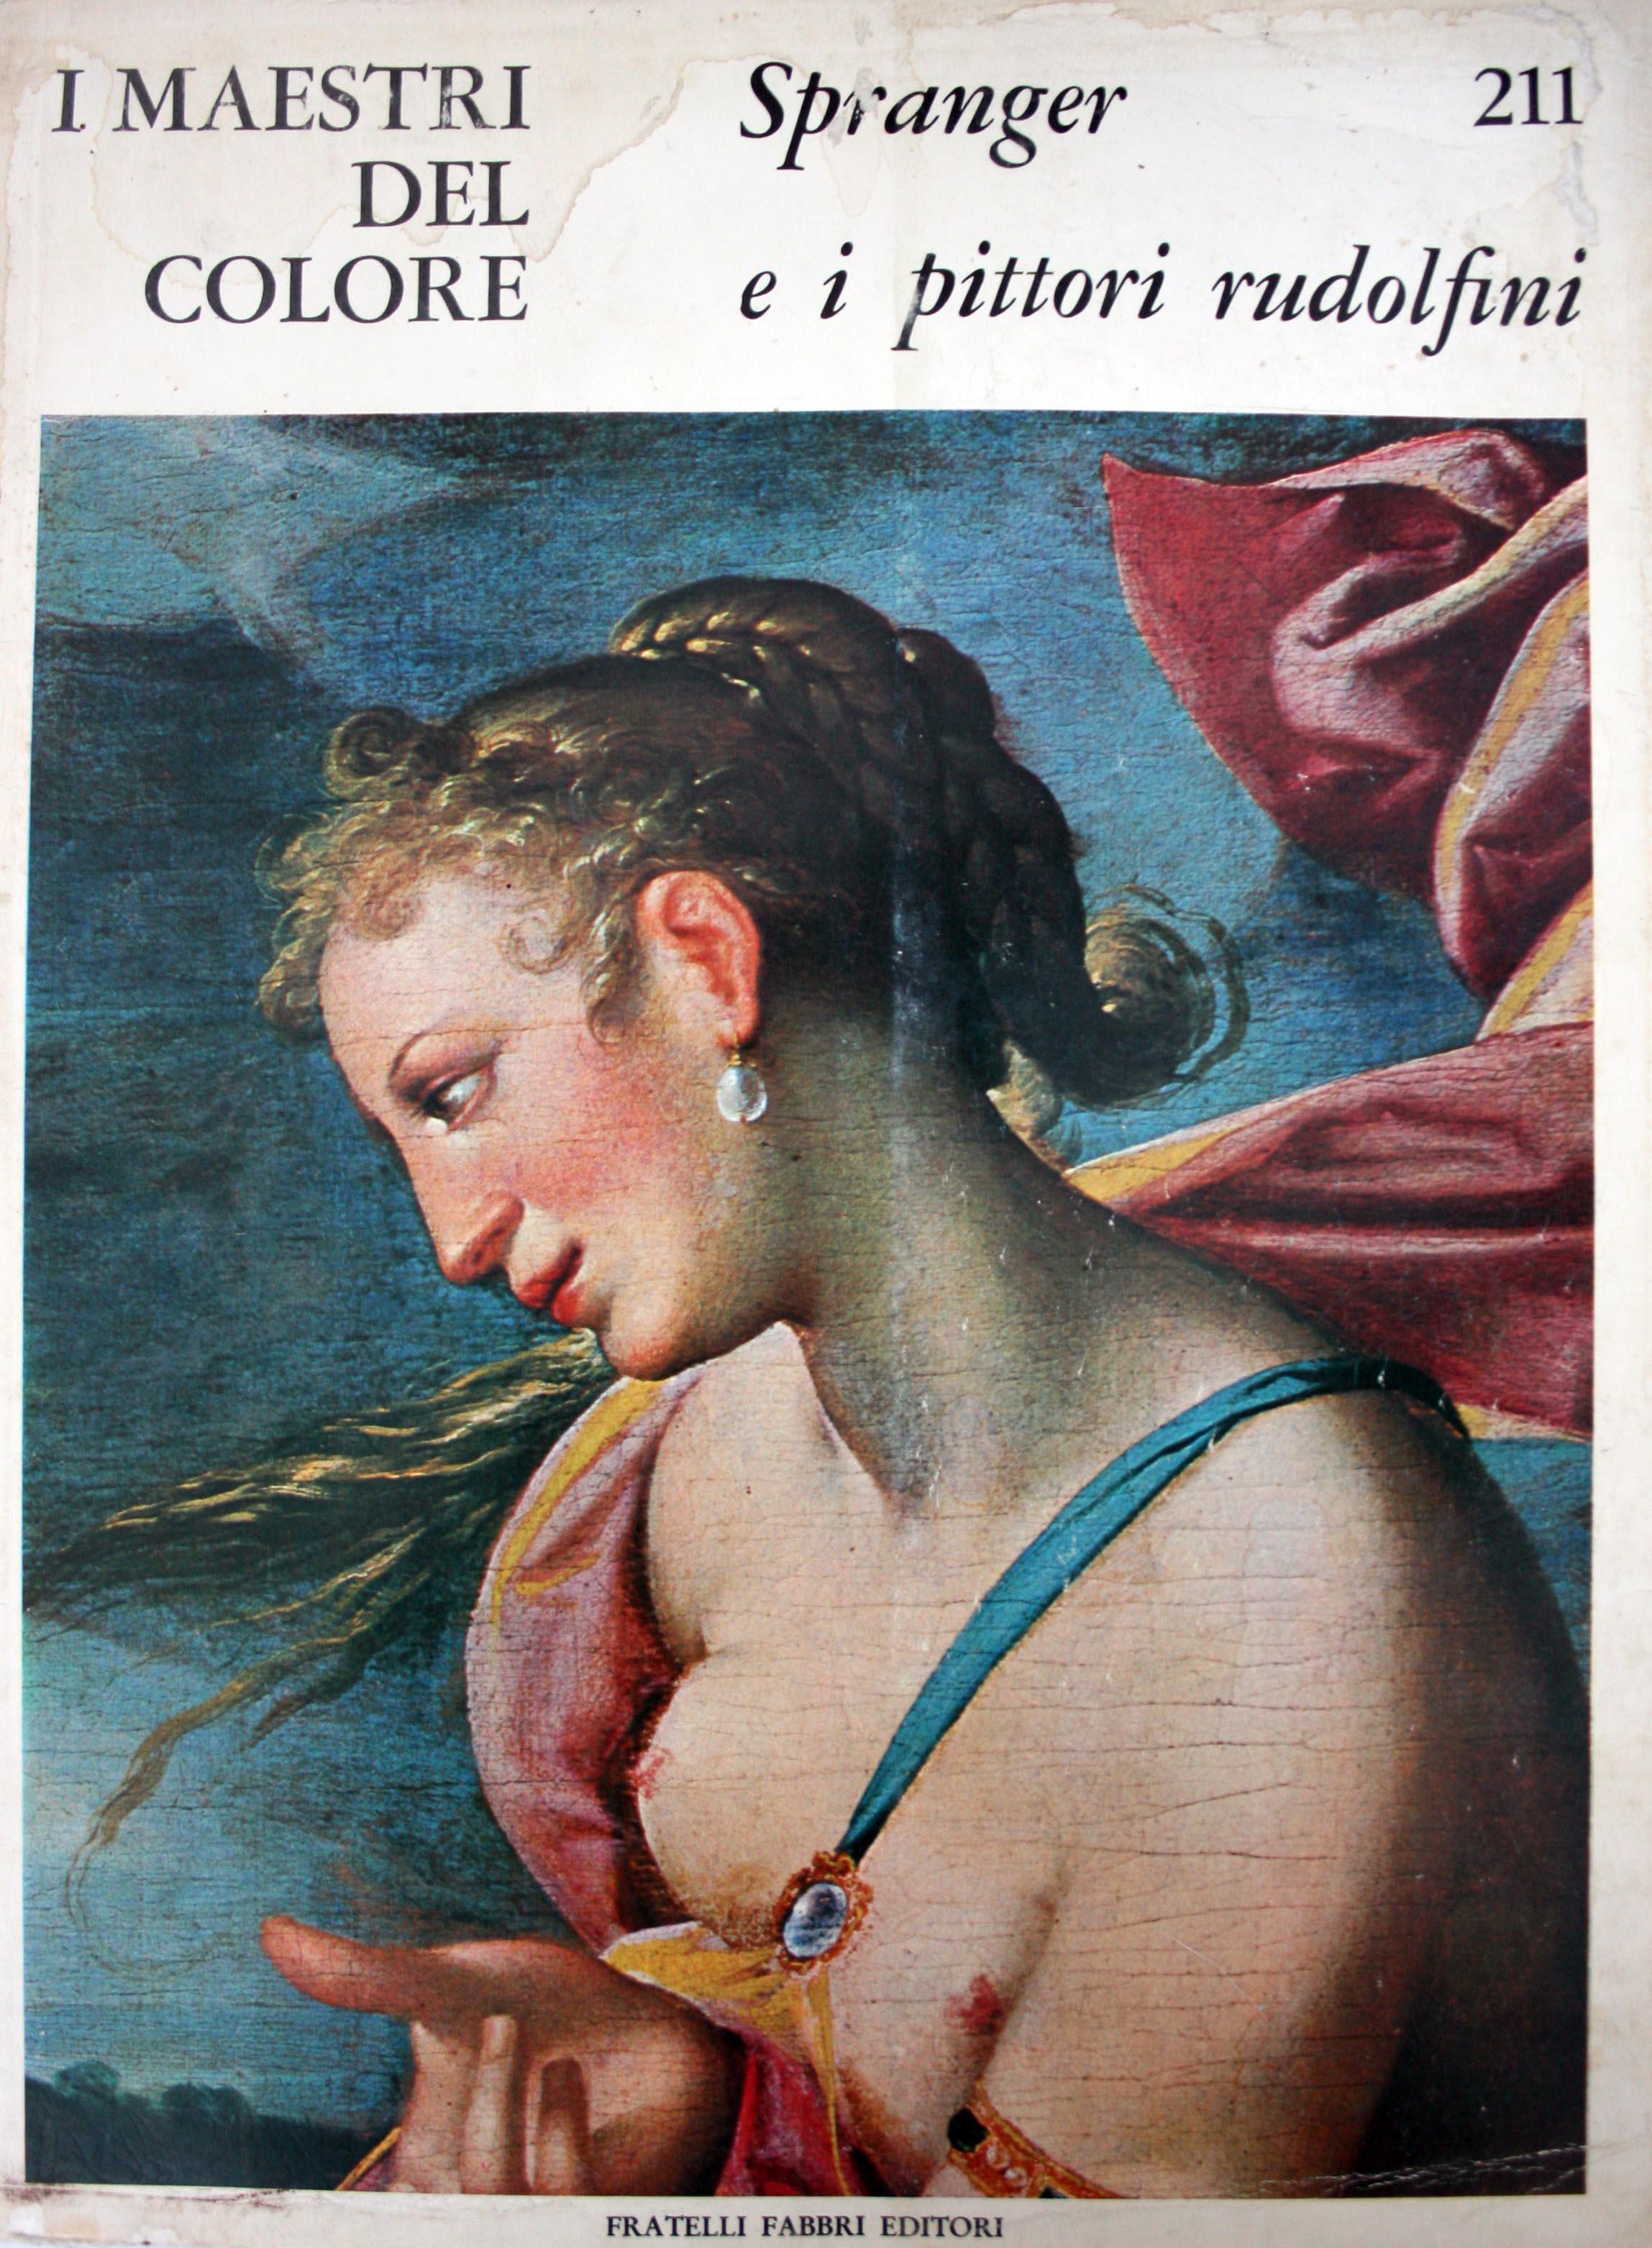 Spranger e i pittori Rudolfini